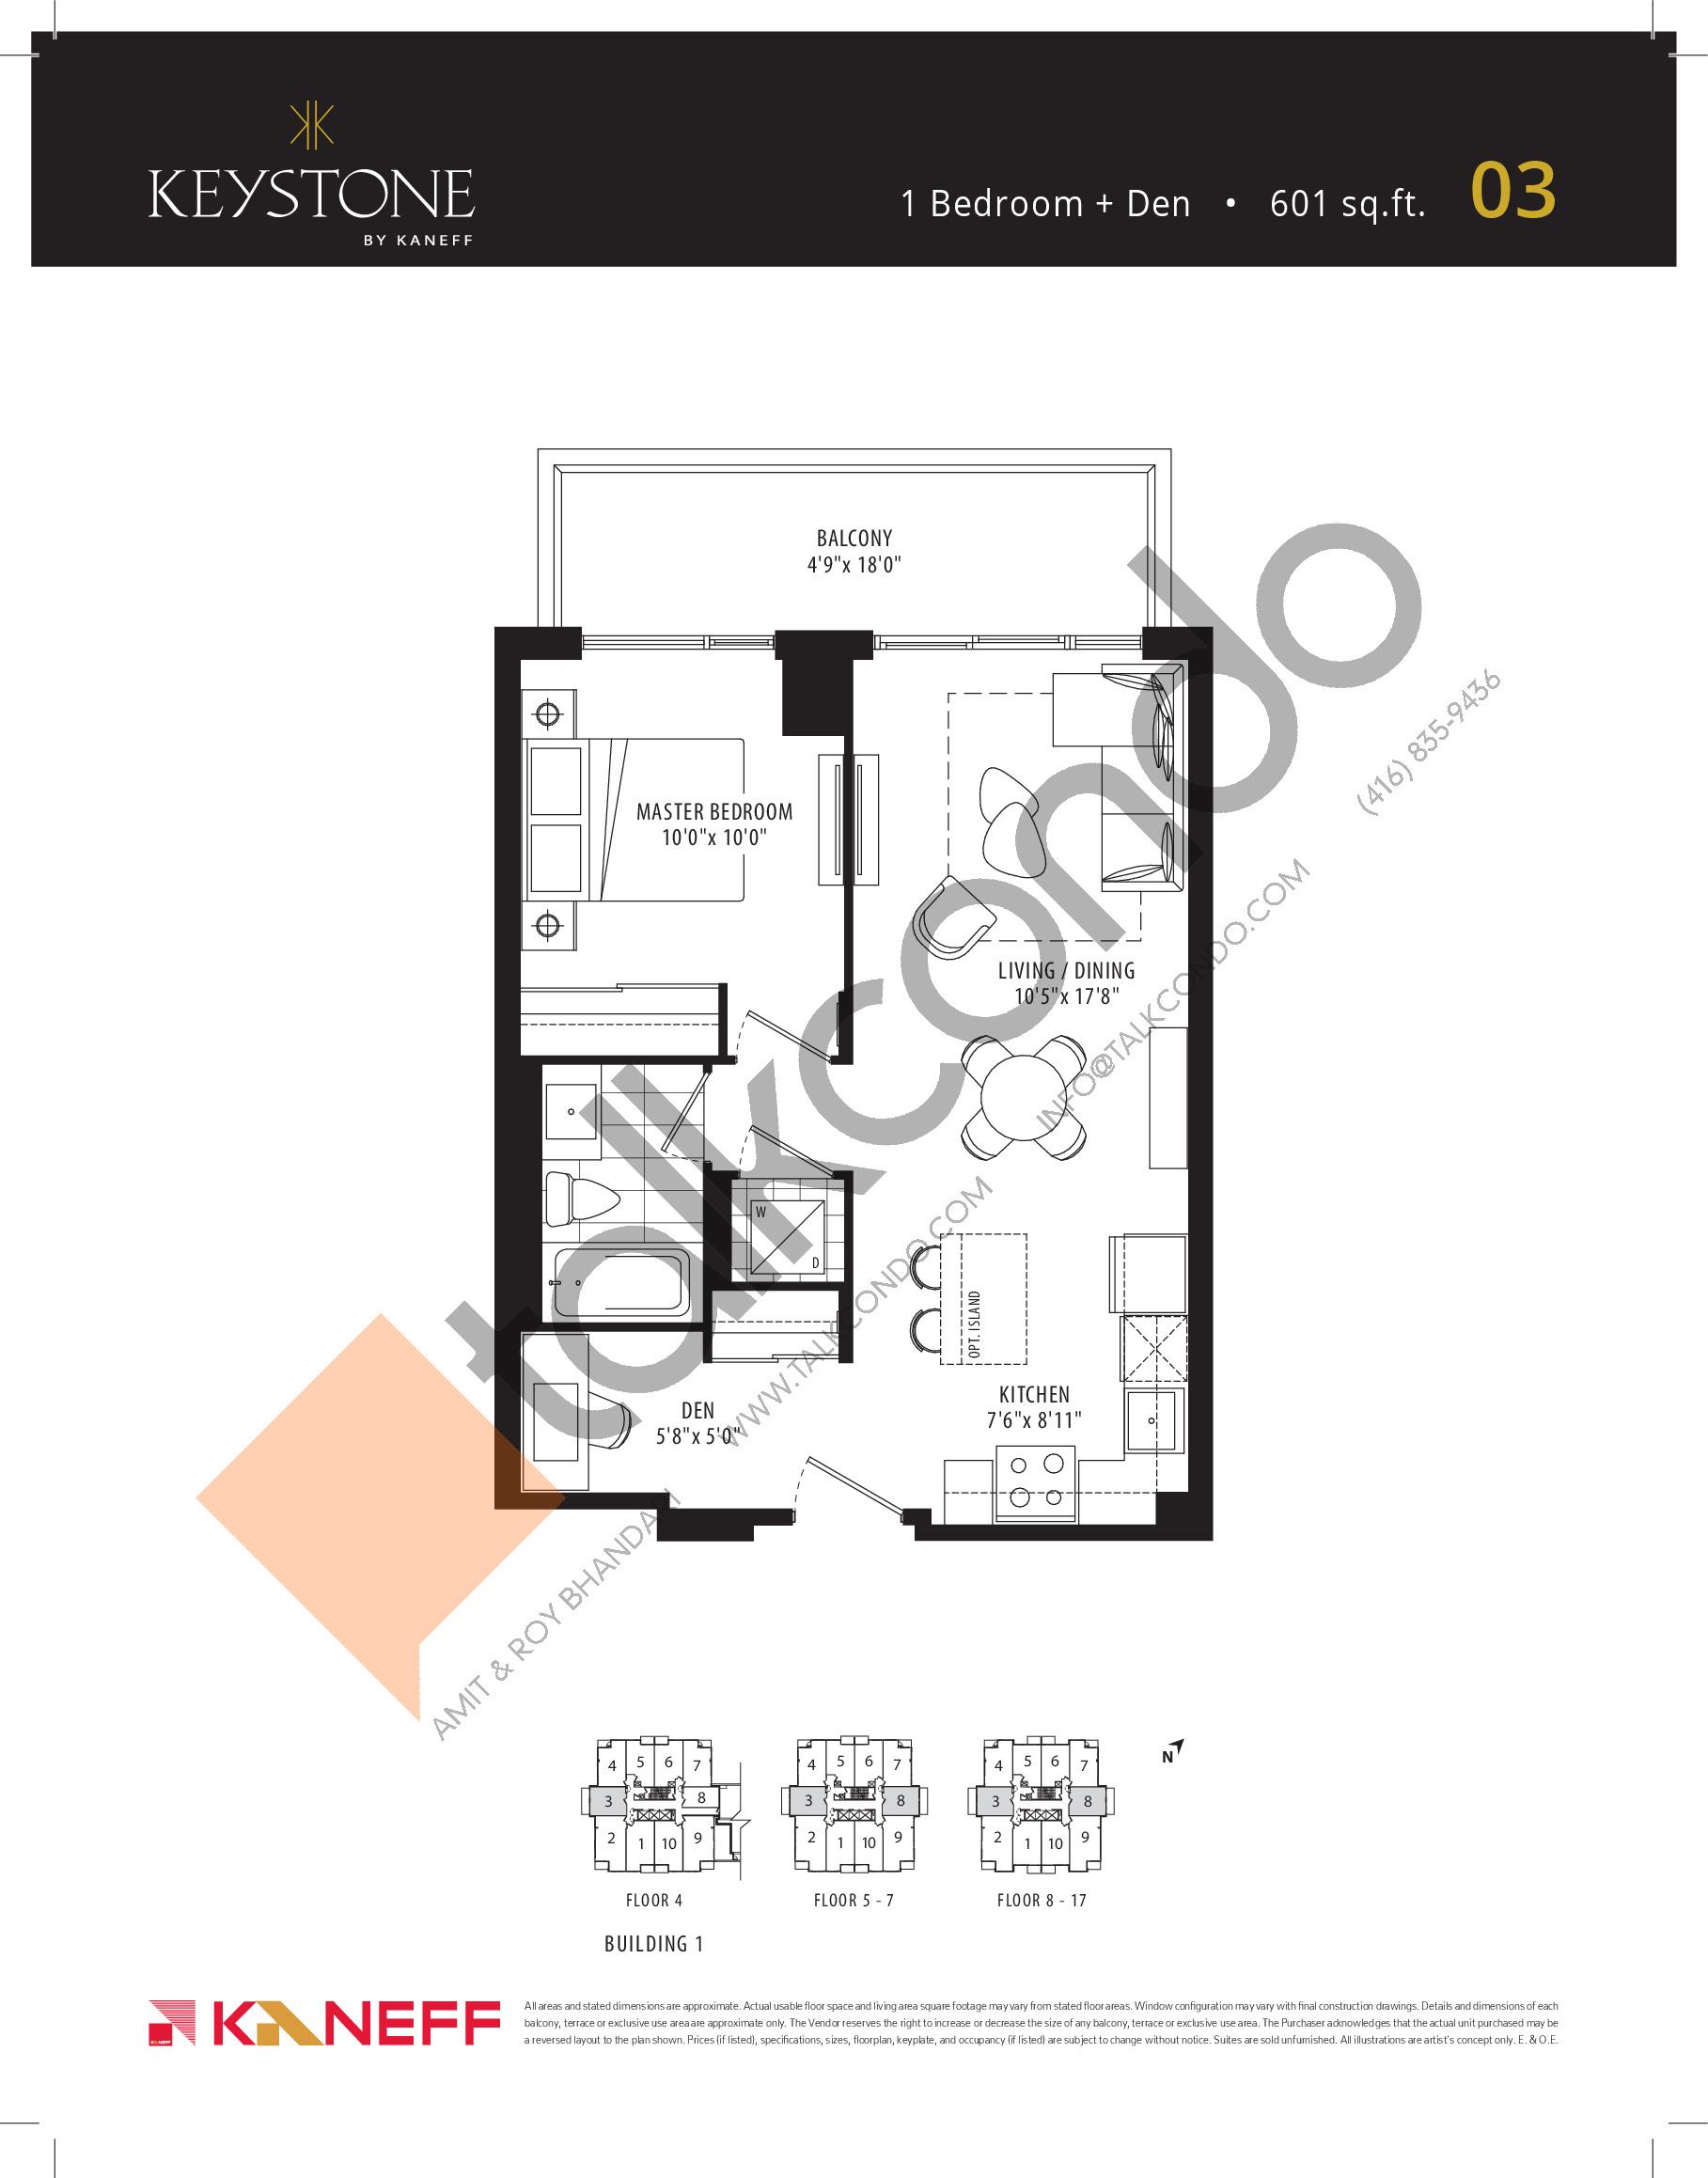 03 Floor Plan at Keystone Condos - 601 sq.ft